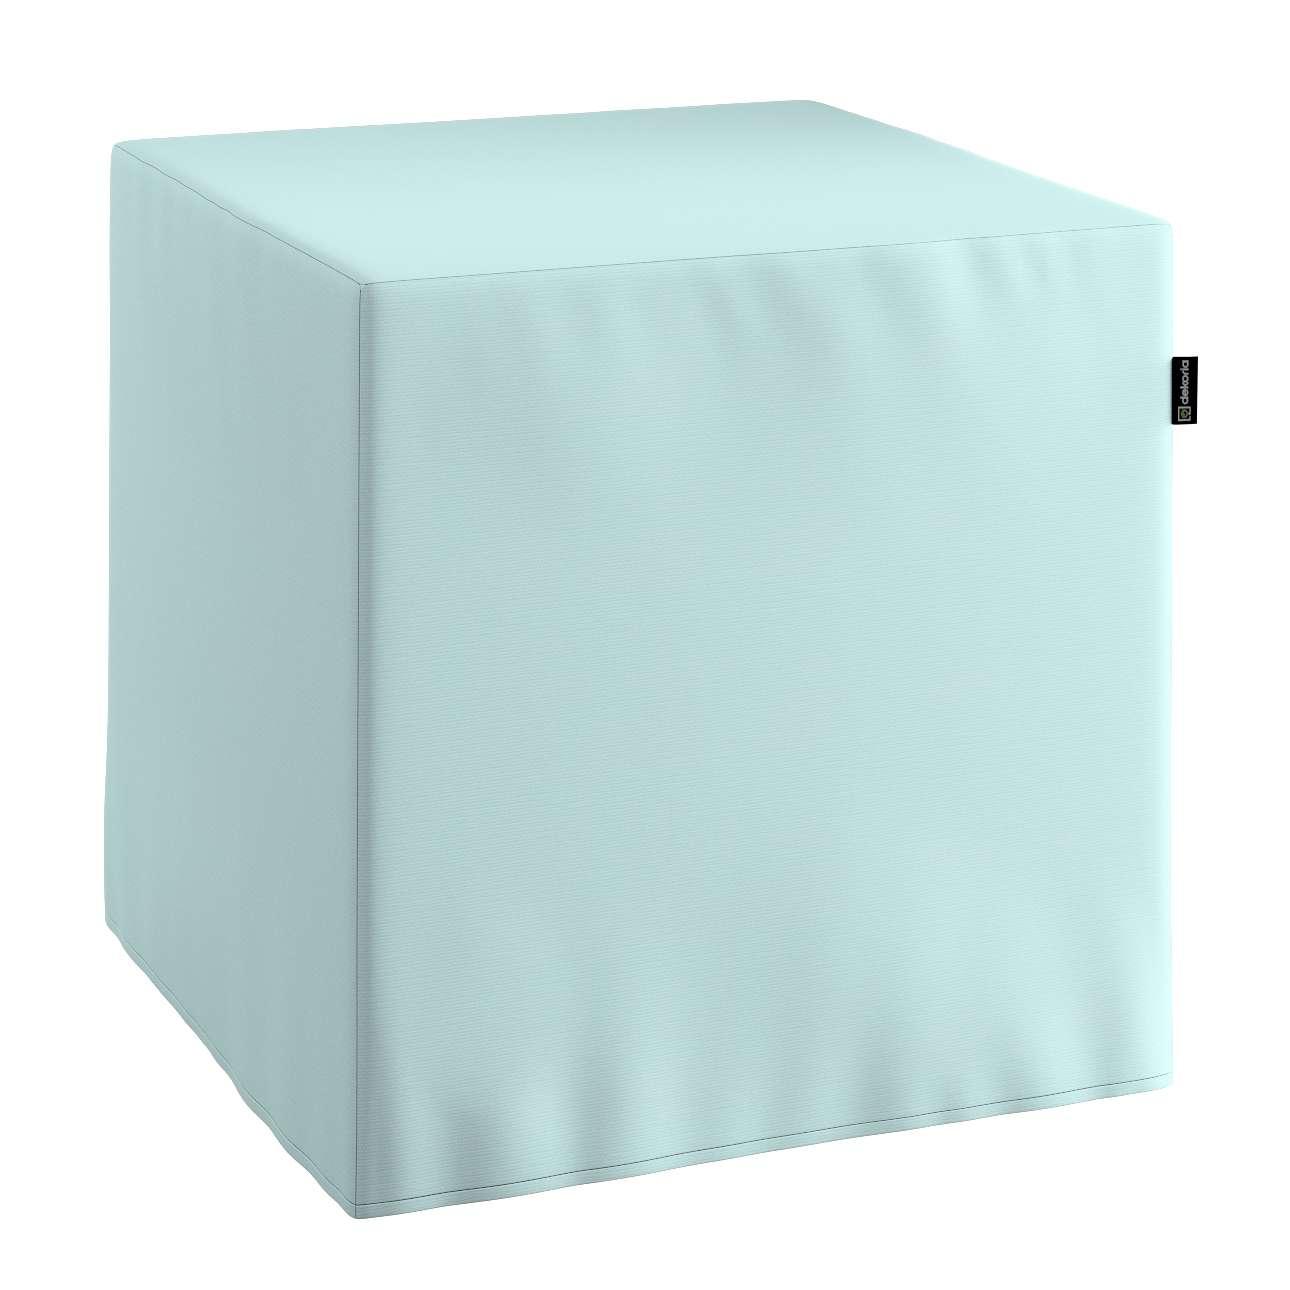 Harter Sitzwürfel 40 x 40 x 40 cm von der Kollektion Cotton Panama, Stoff: 702-10